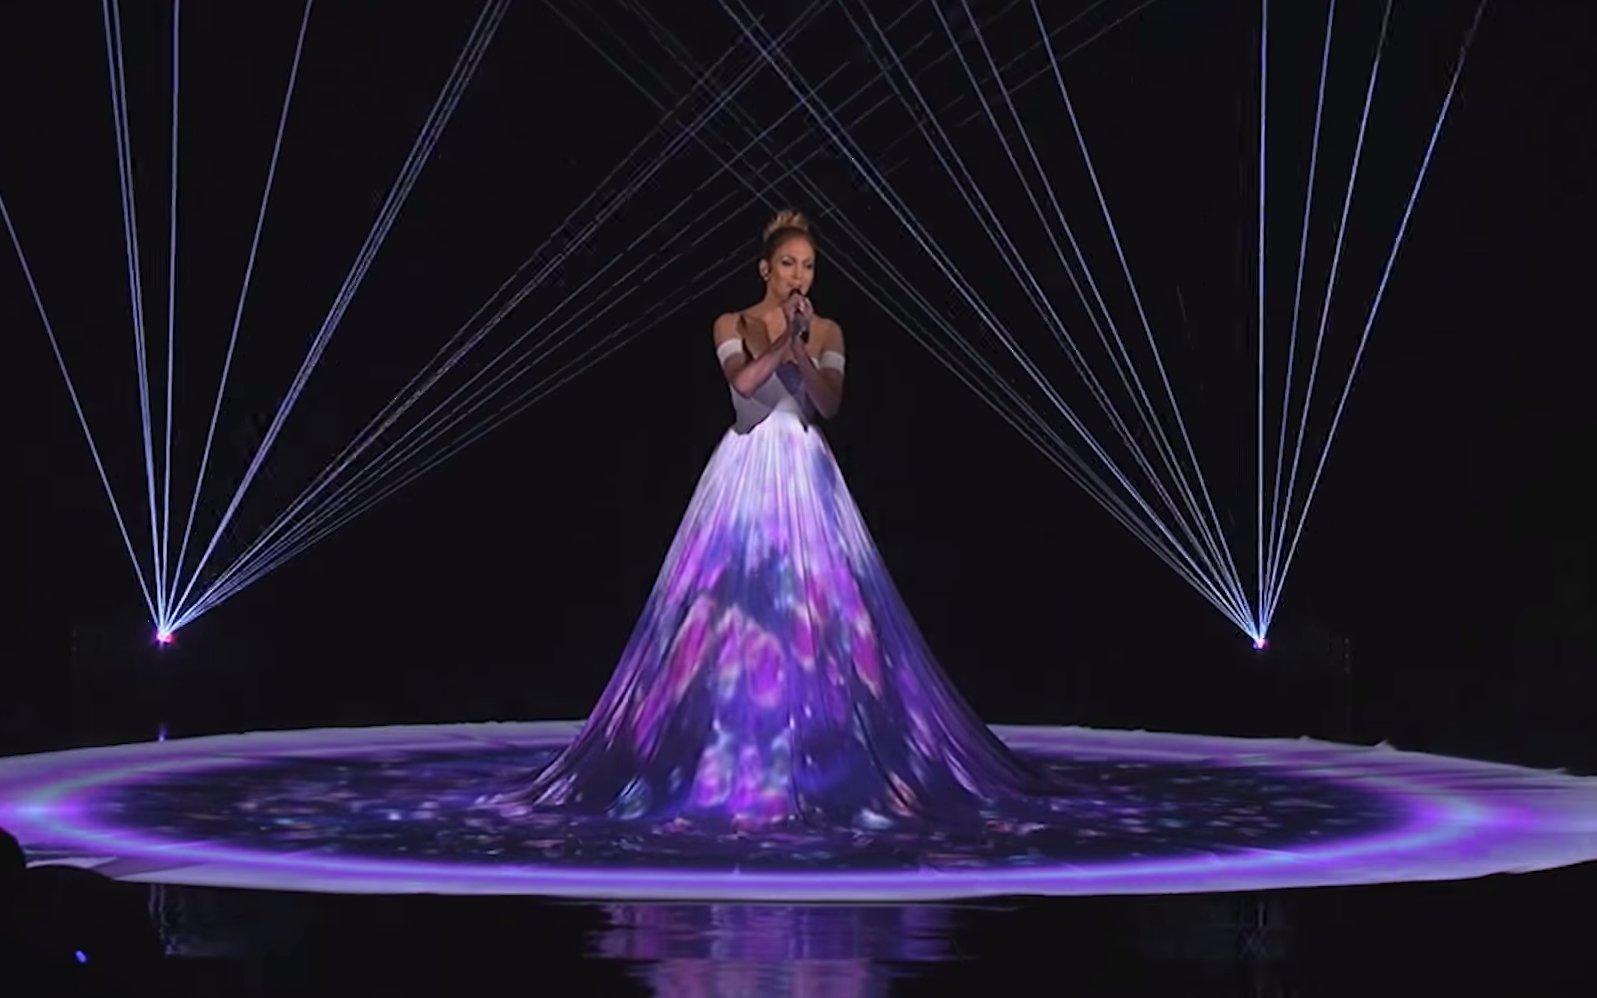 Lopez4 - Why Jennifer Lopez's Dress in American Idol Performance Left People Speechless